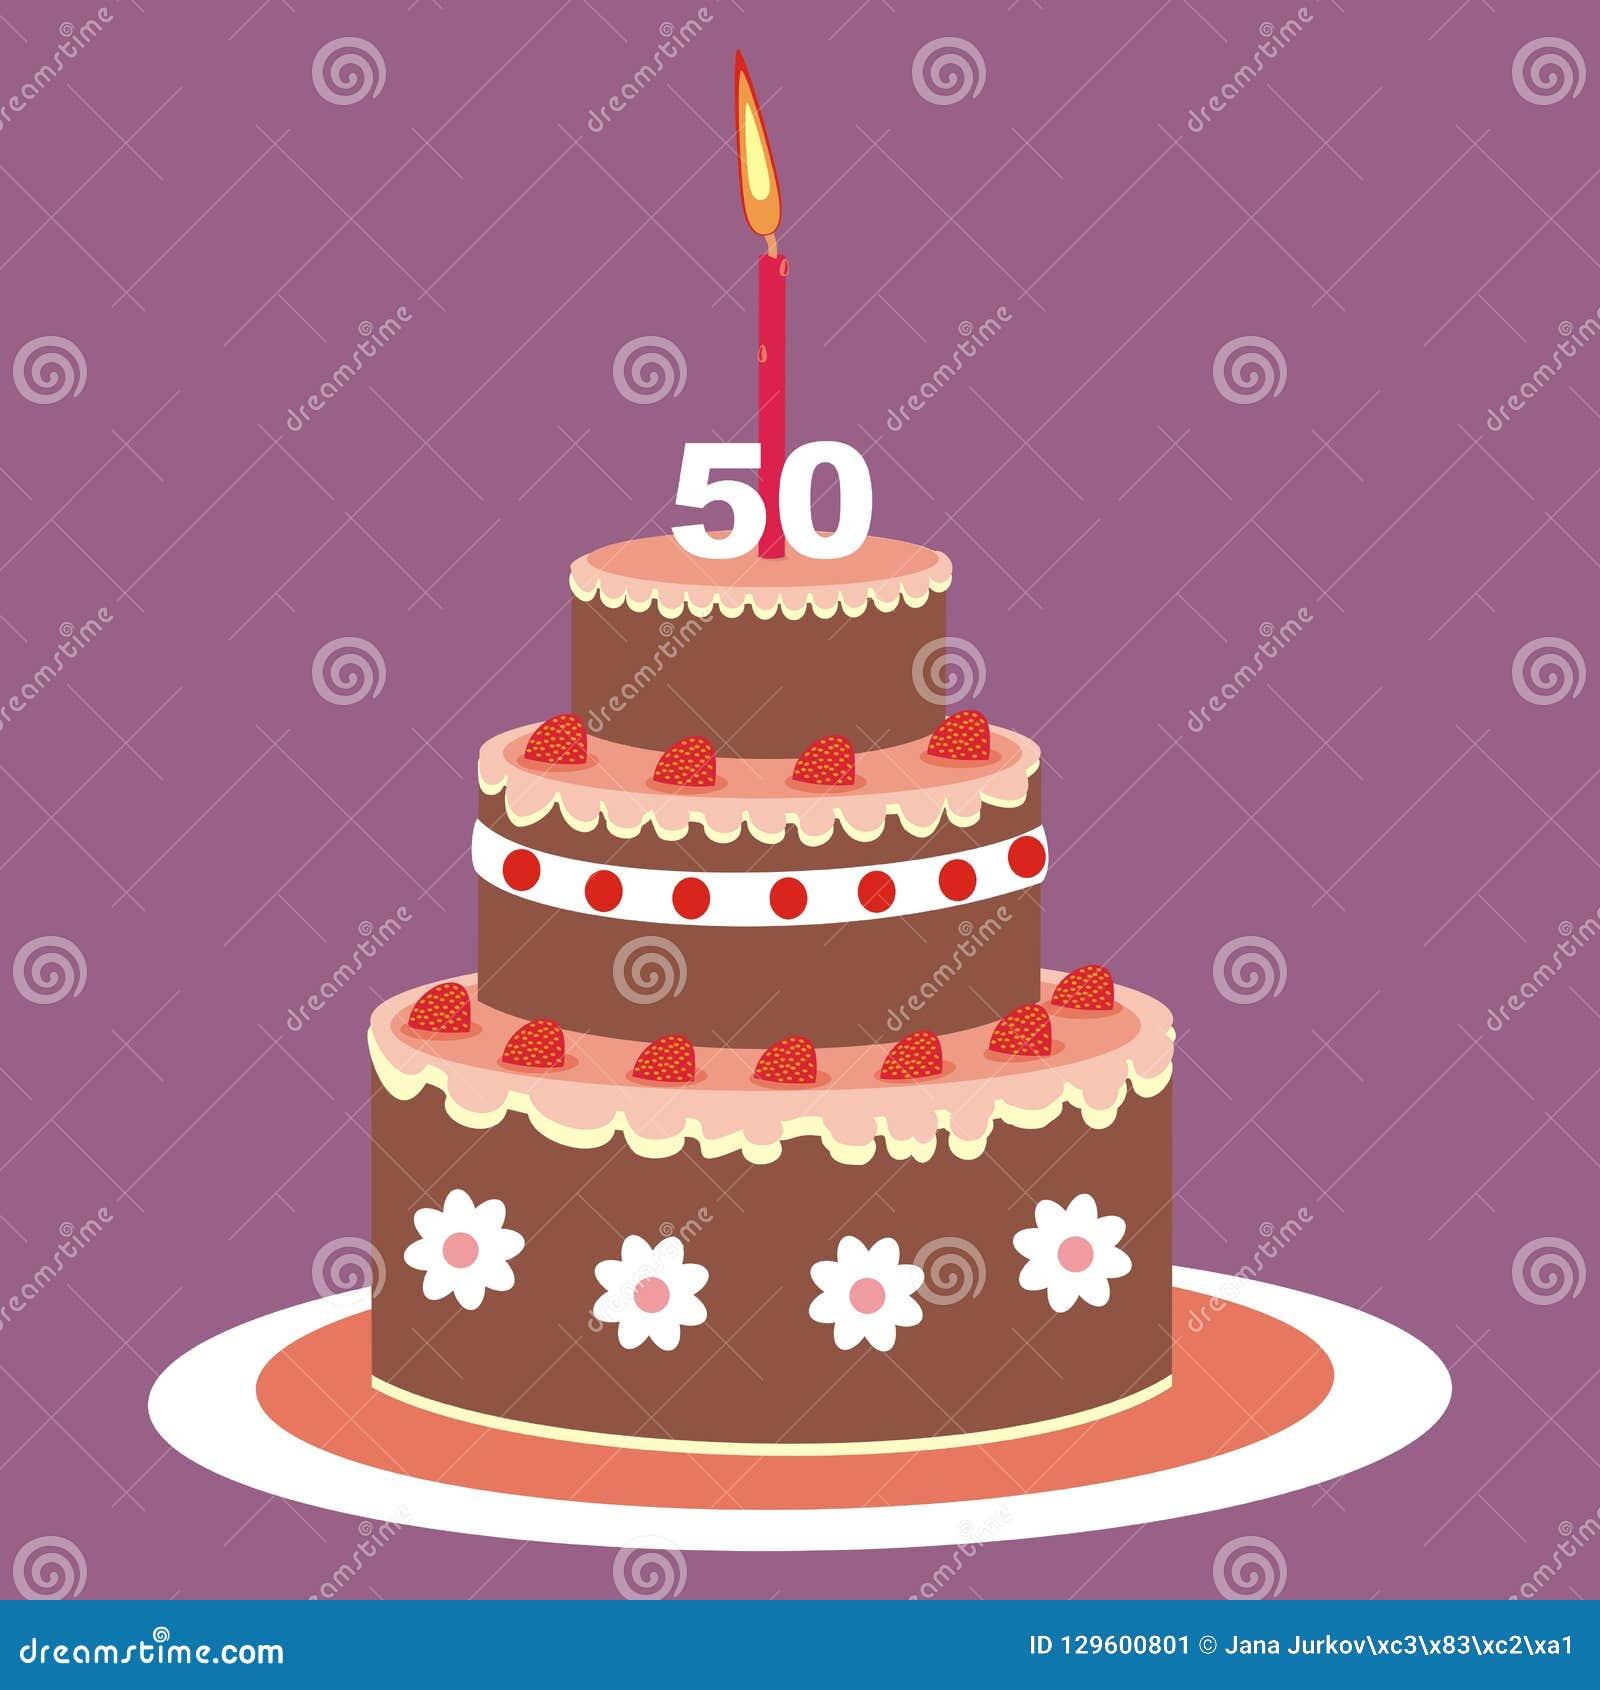 Torta Di Compleanno 50 Anni Illustrazione Di Vettore Illustrazione